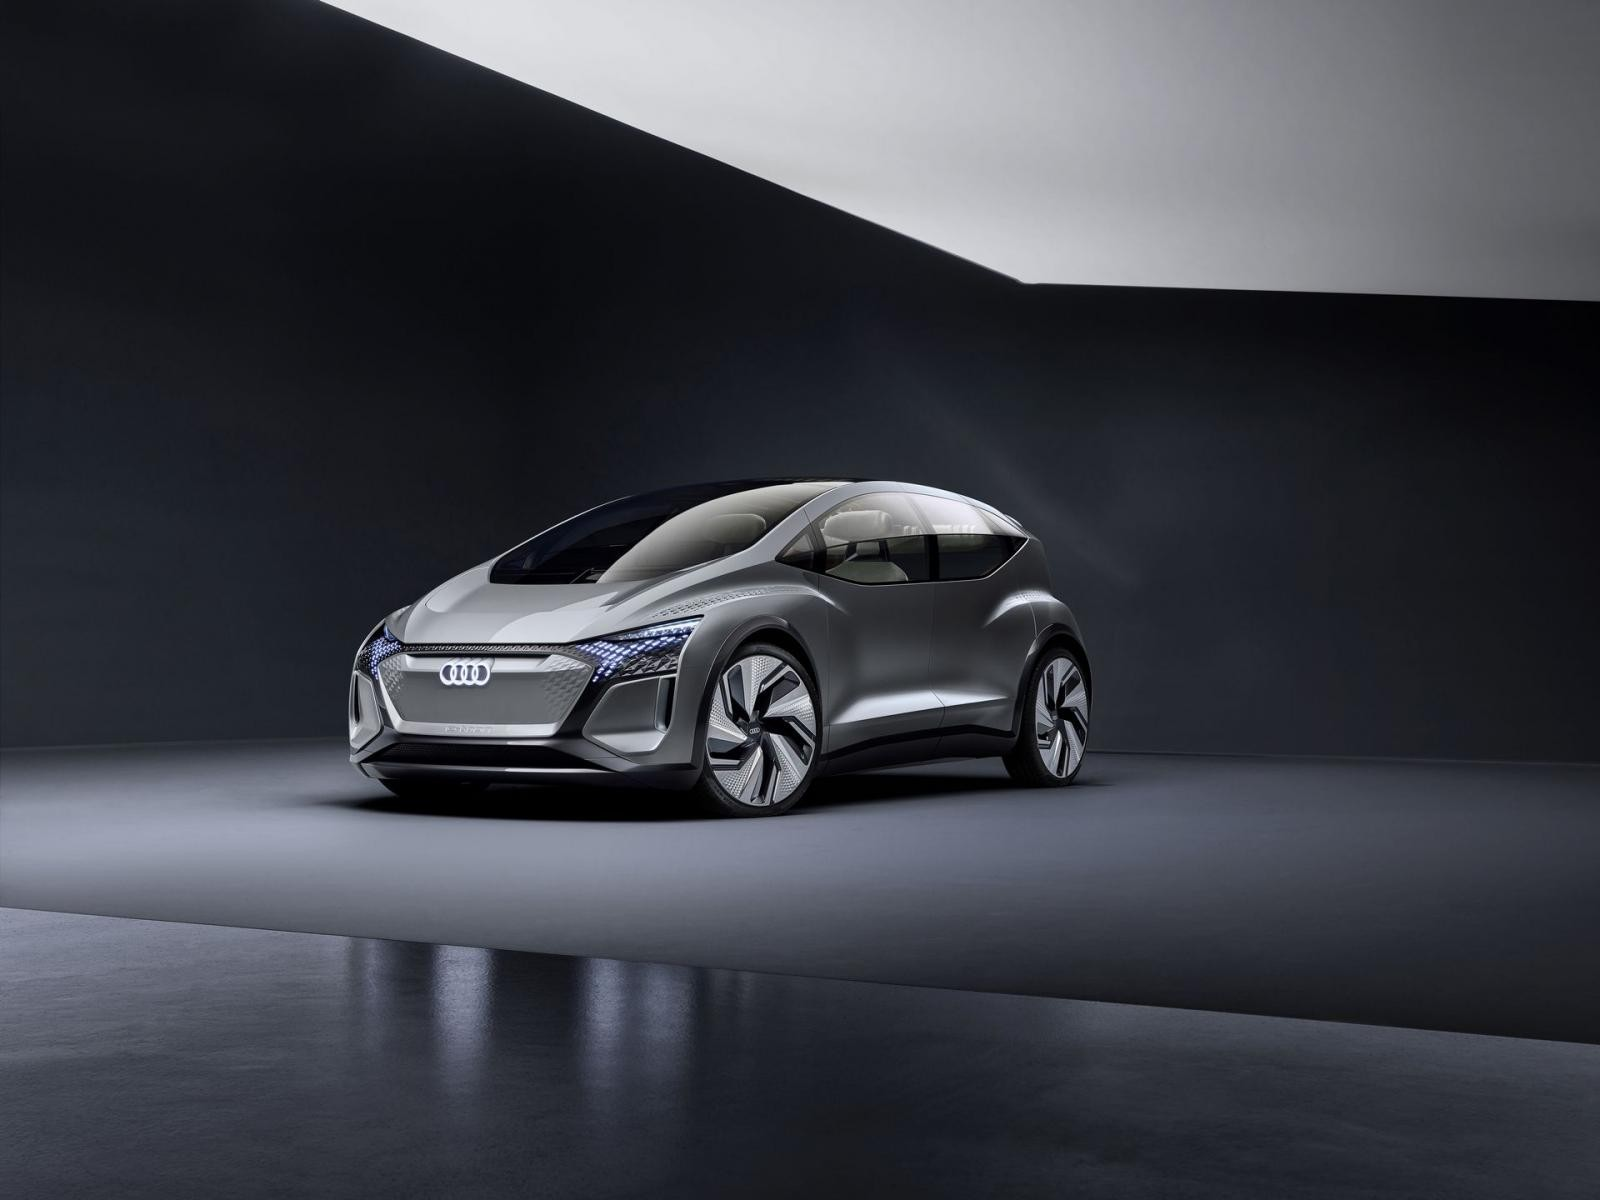 Audi AI:ME là mẫu concept xe điện đô thị hoàn toàn mới